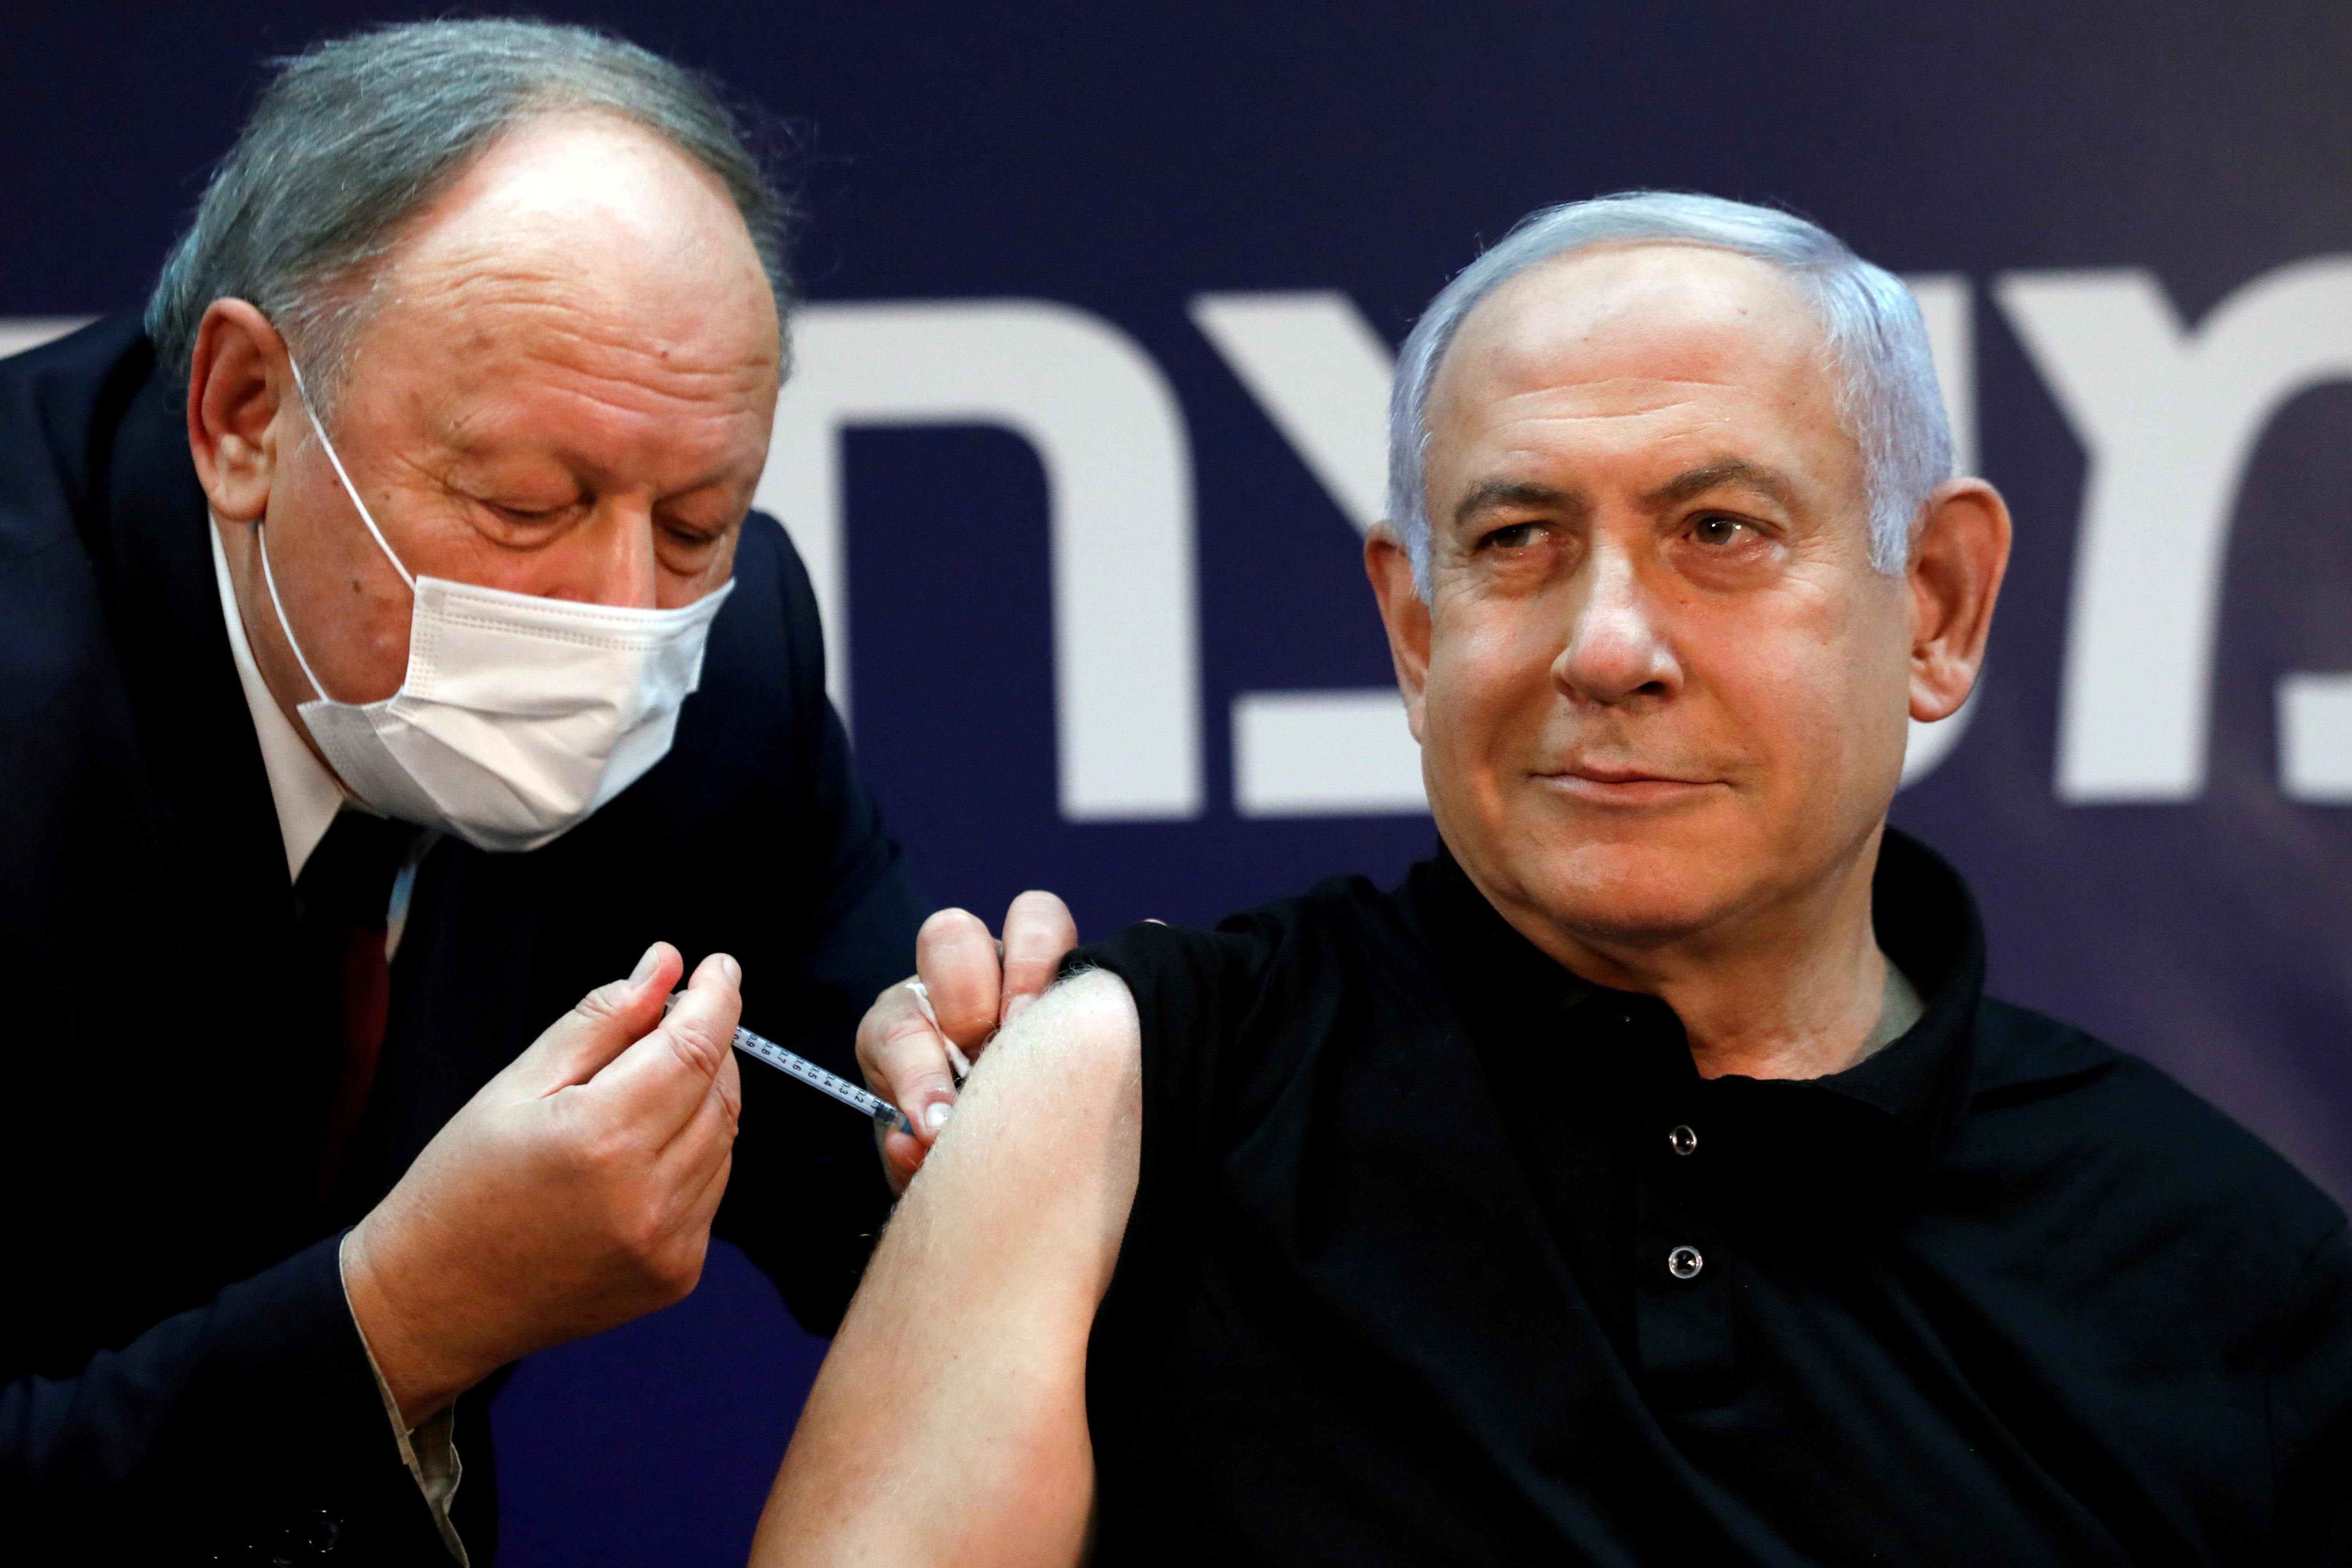 El primer ministro israelí, Benjamin Netanyahu, recibe la vacuna contra el COVID-19 (REUTERS/Amir Cohen/Pool/File Photo)